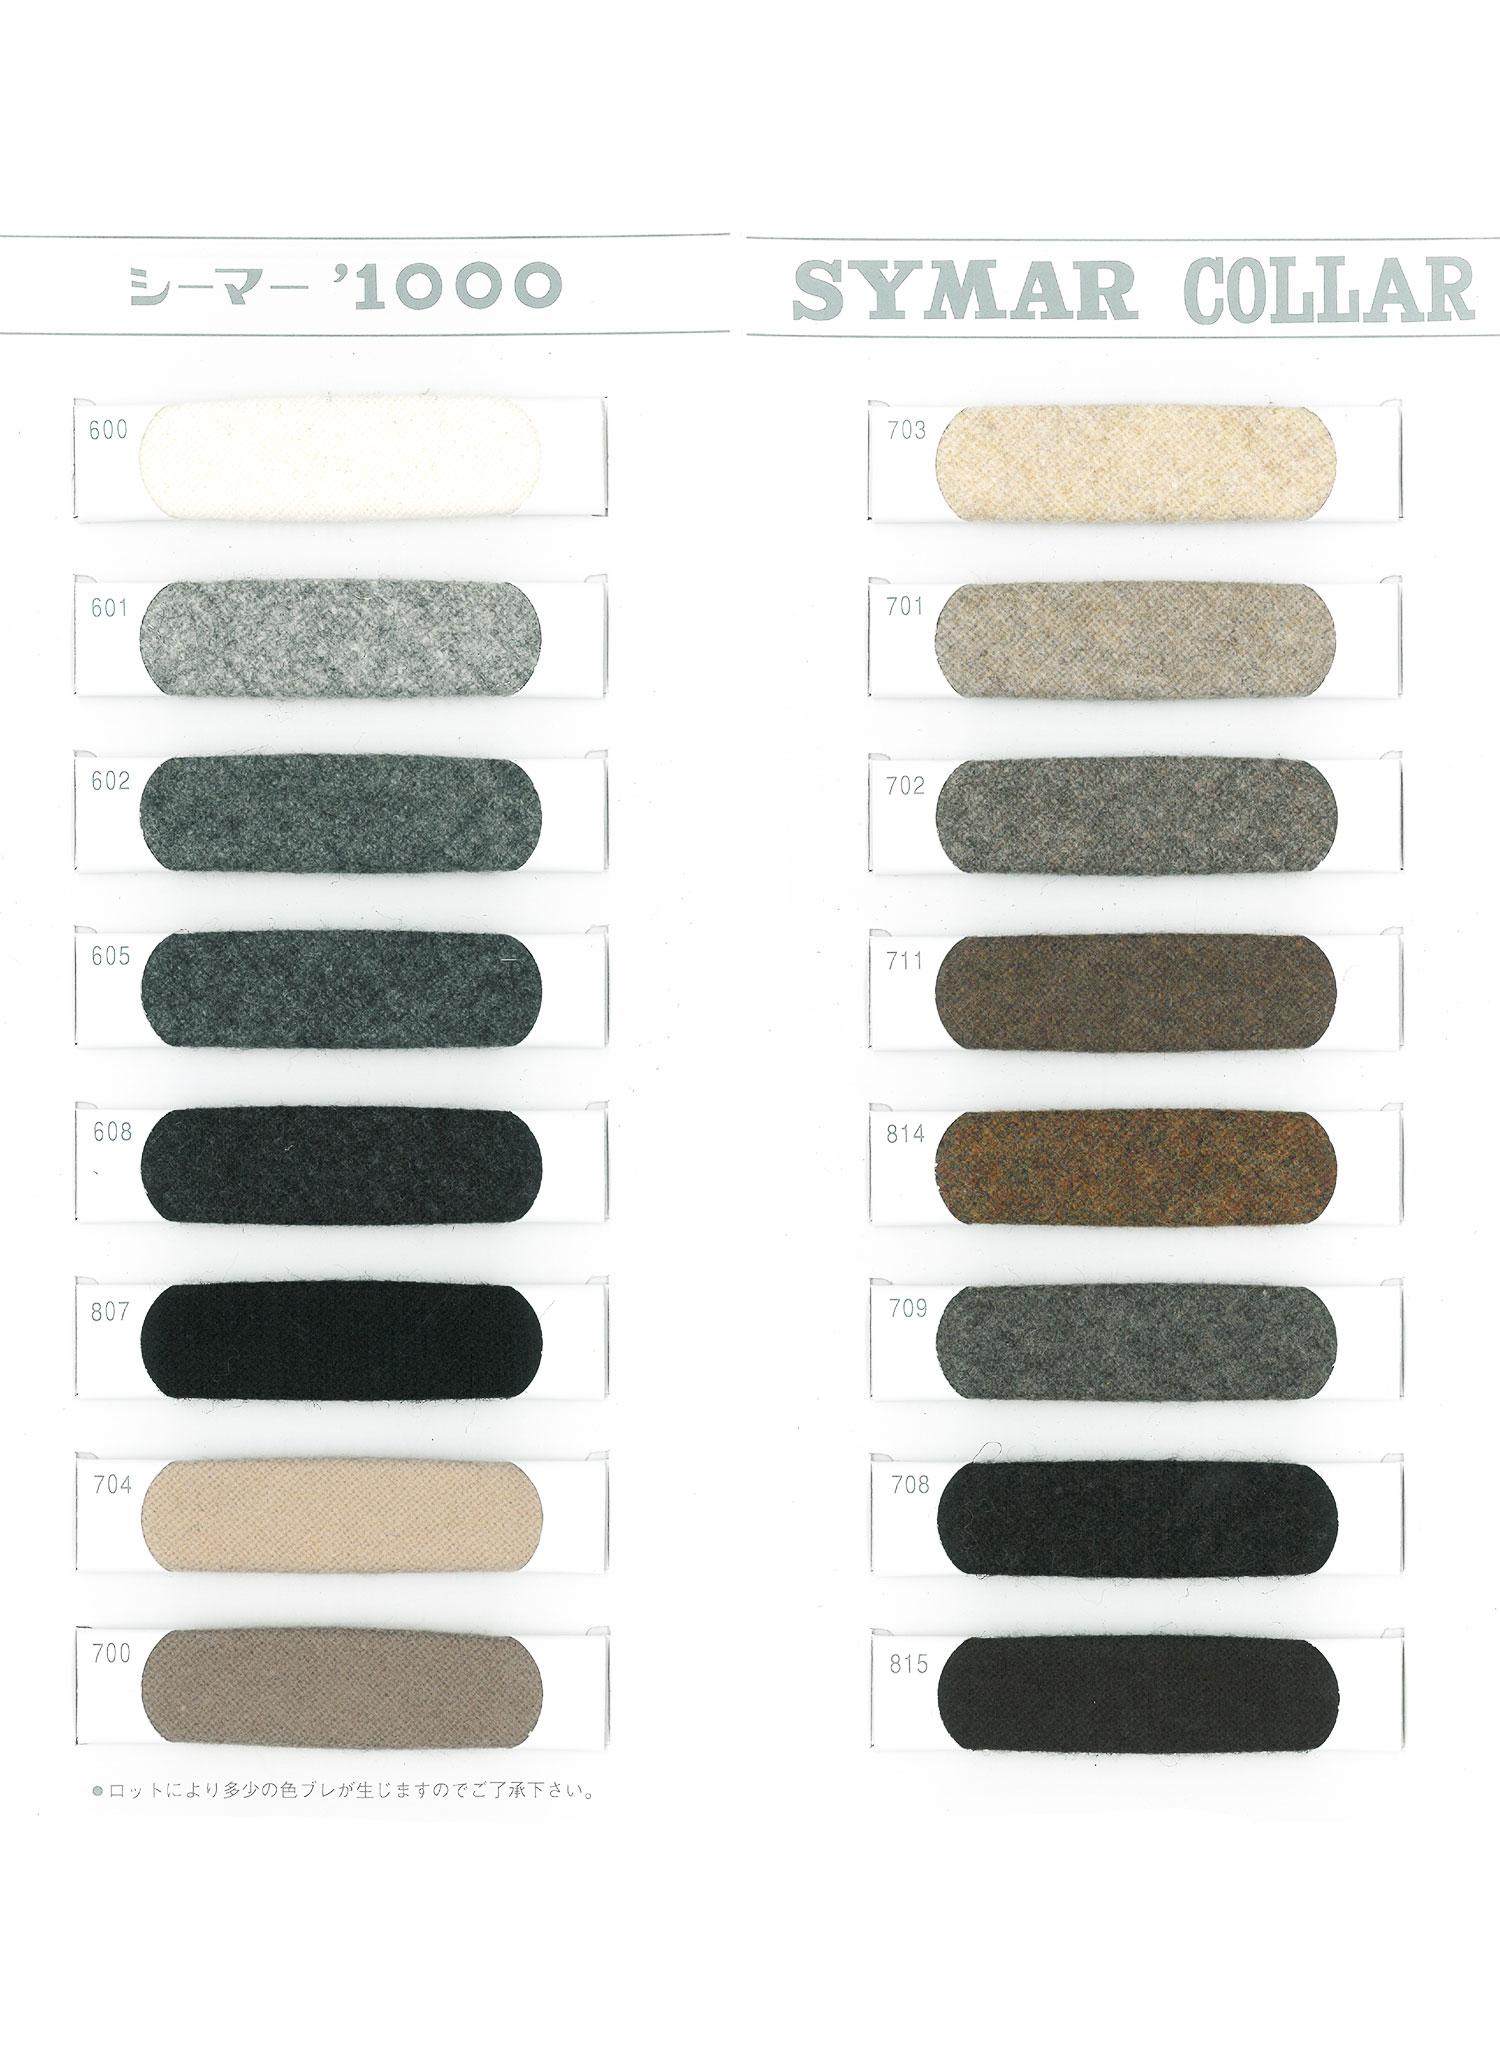 1000 シーマー 1000 カラークロス オークラ商事 - ApparelX アパレル資材卸通販